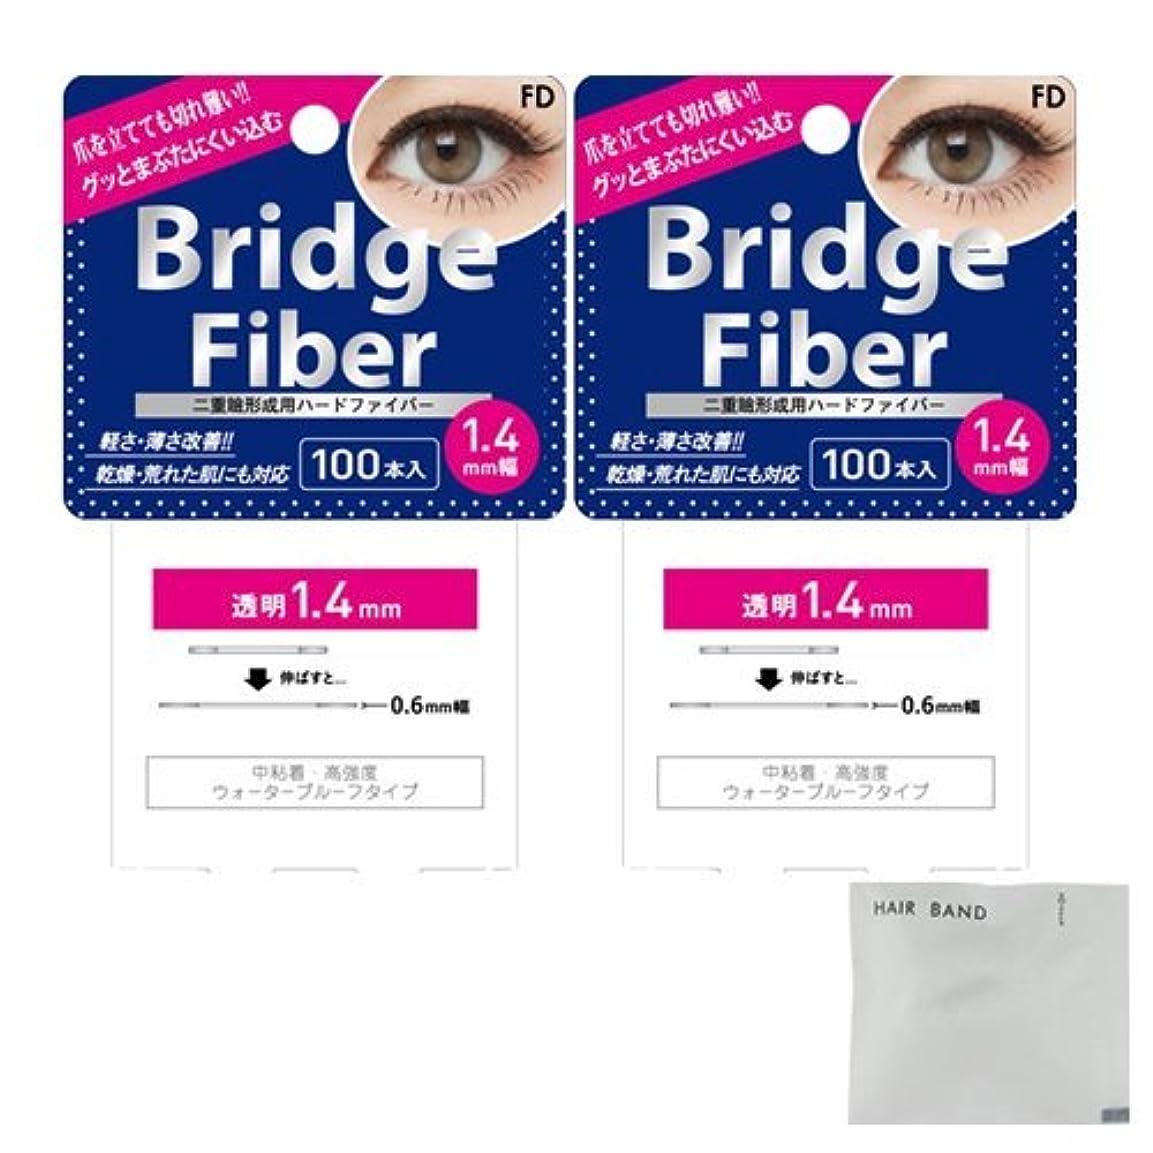 戦士バスルームキャンベラFD ブリッジファイバーⅡ (Bridge Fiber) クリア1.4mm×2個 + ヘアゴム(カラーはおまかせ)セット